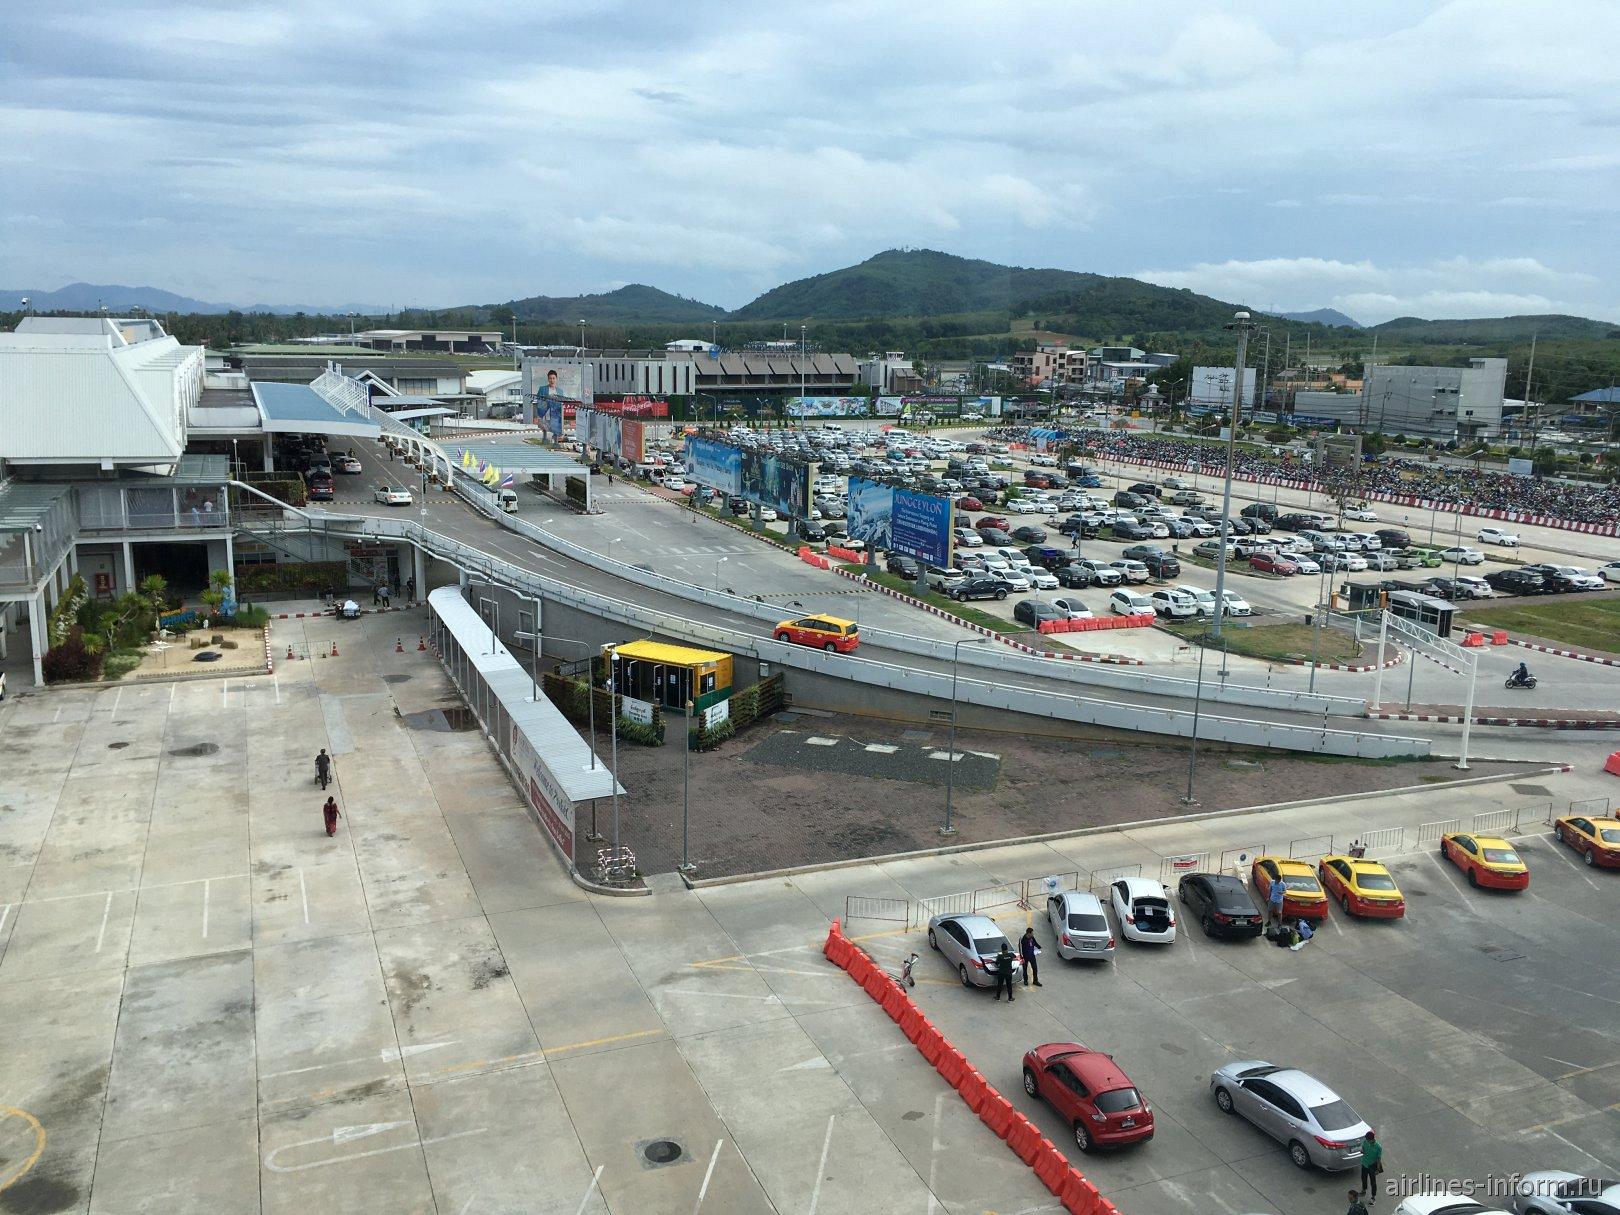 Привокзальная площадь возле терминала внутренних авиалиний аэропорта Пхукет